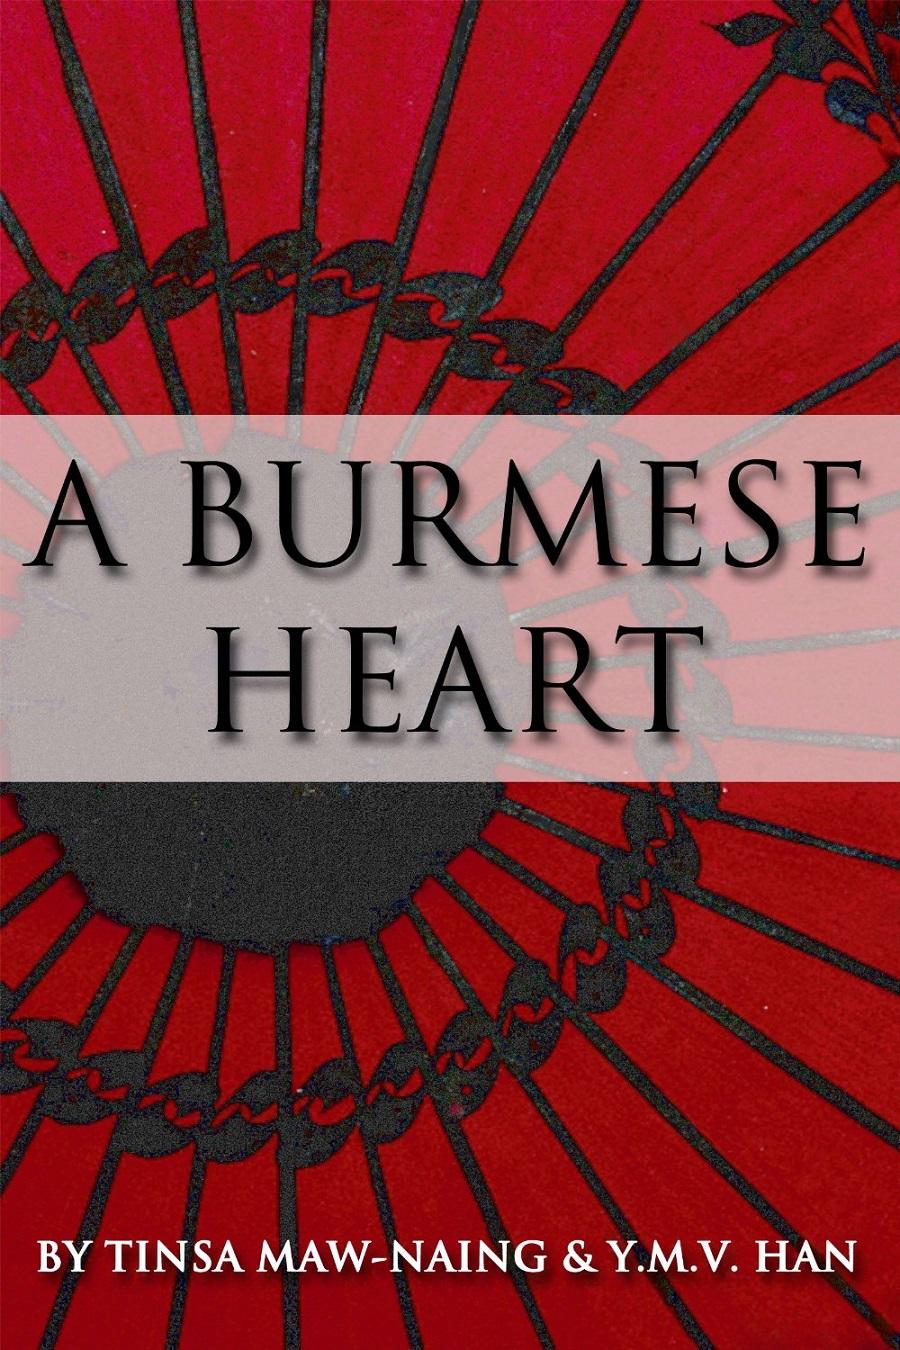 A Burmese Heart by Y. M. V. Han and Tinsa Maw-Naing